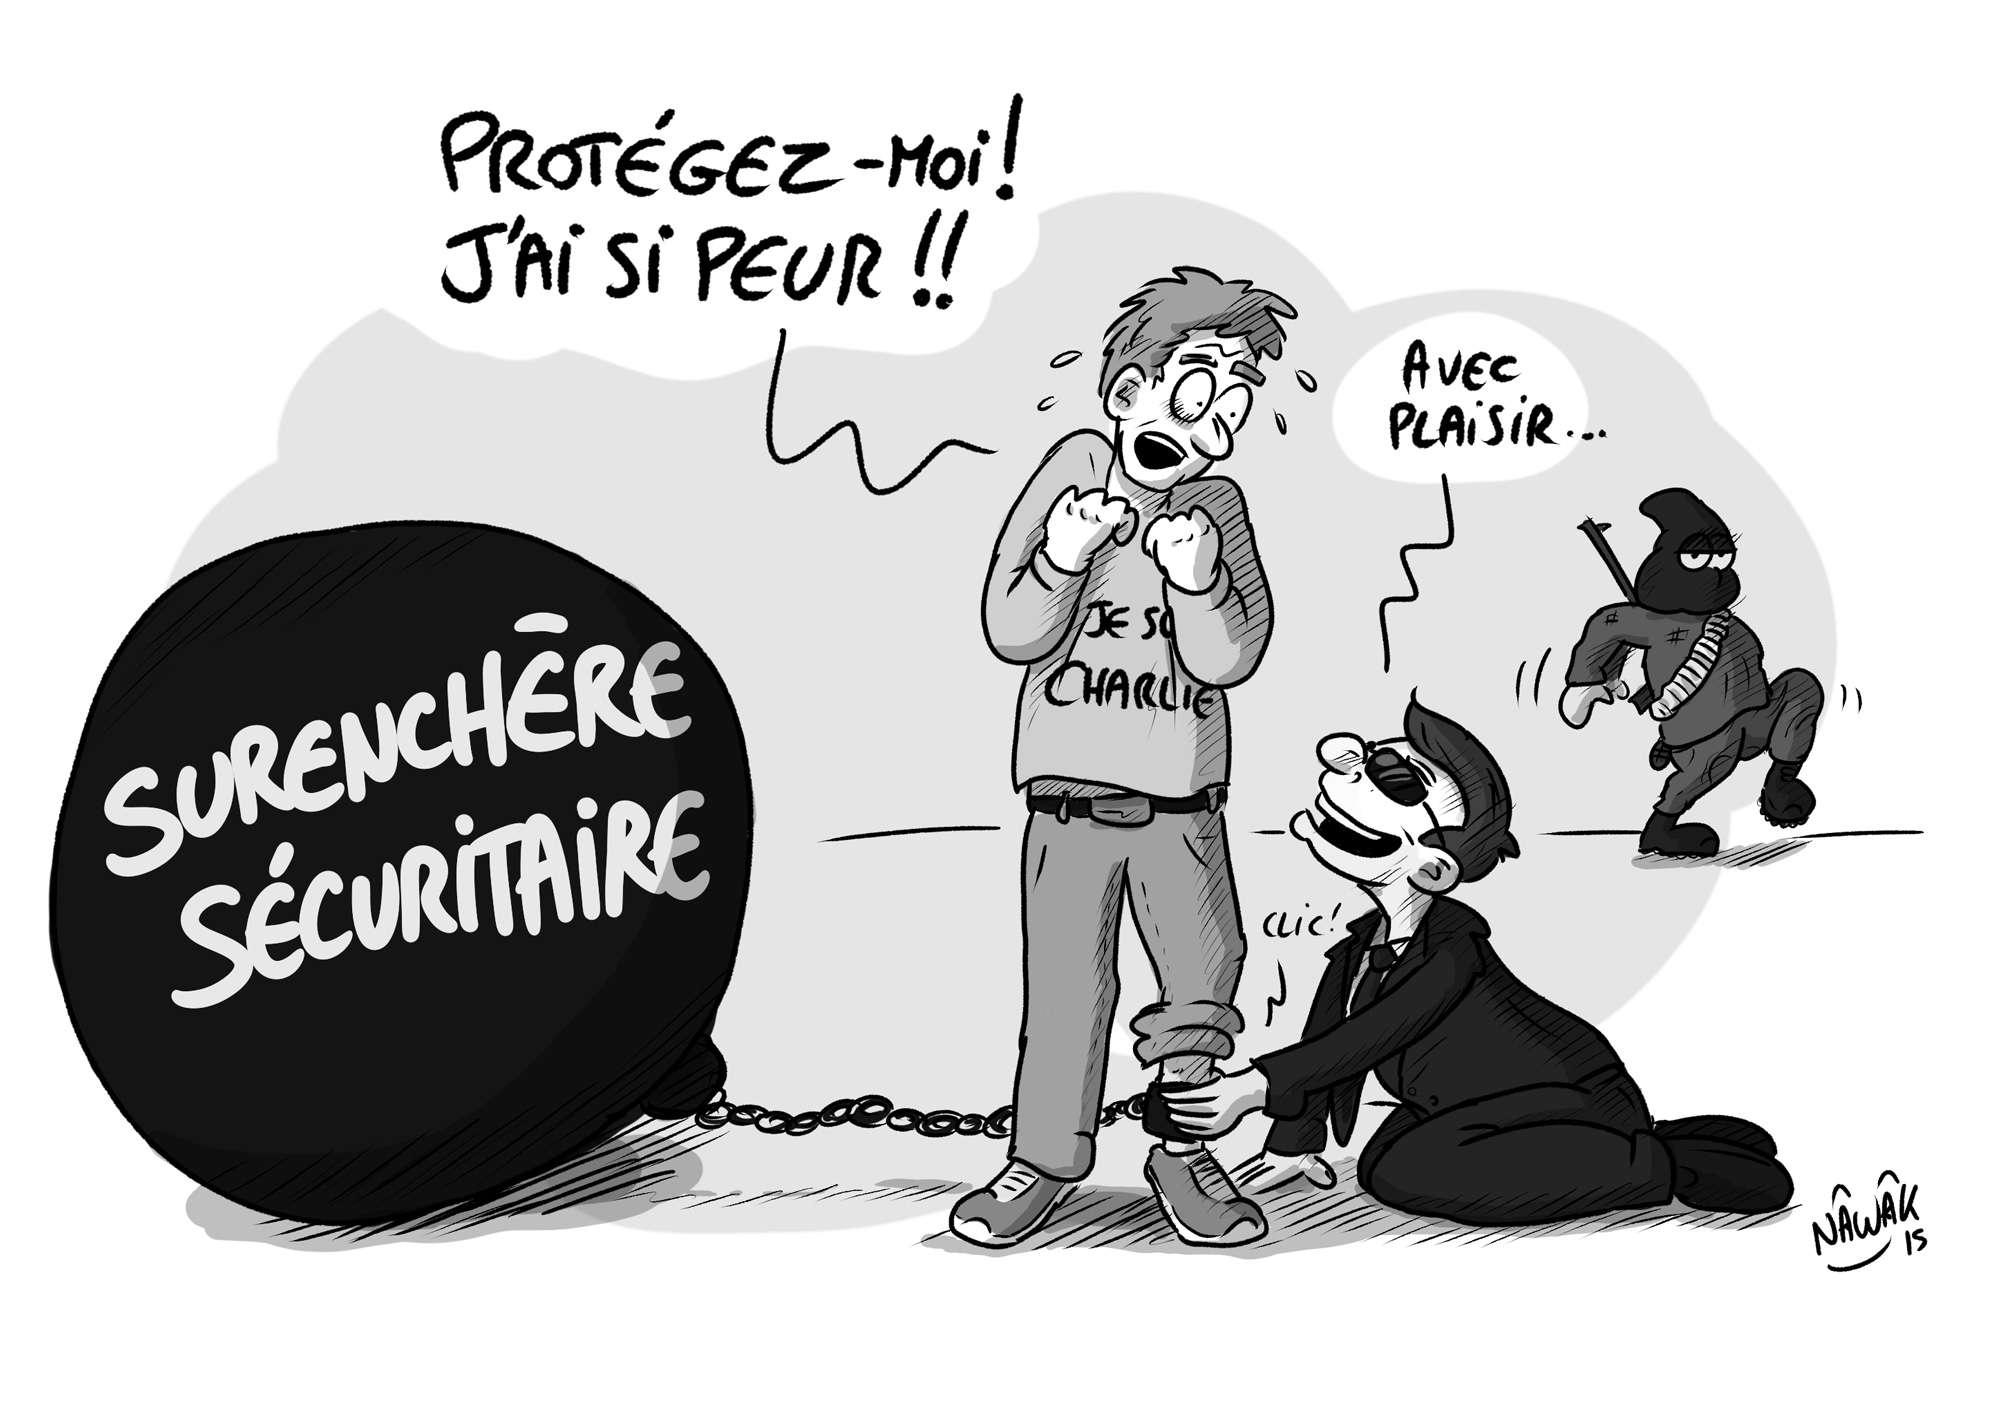 La France dérogera à la Convention européenne des droits de l'Homme en adoptant un  Patriot act ?